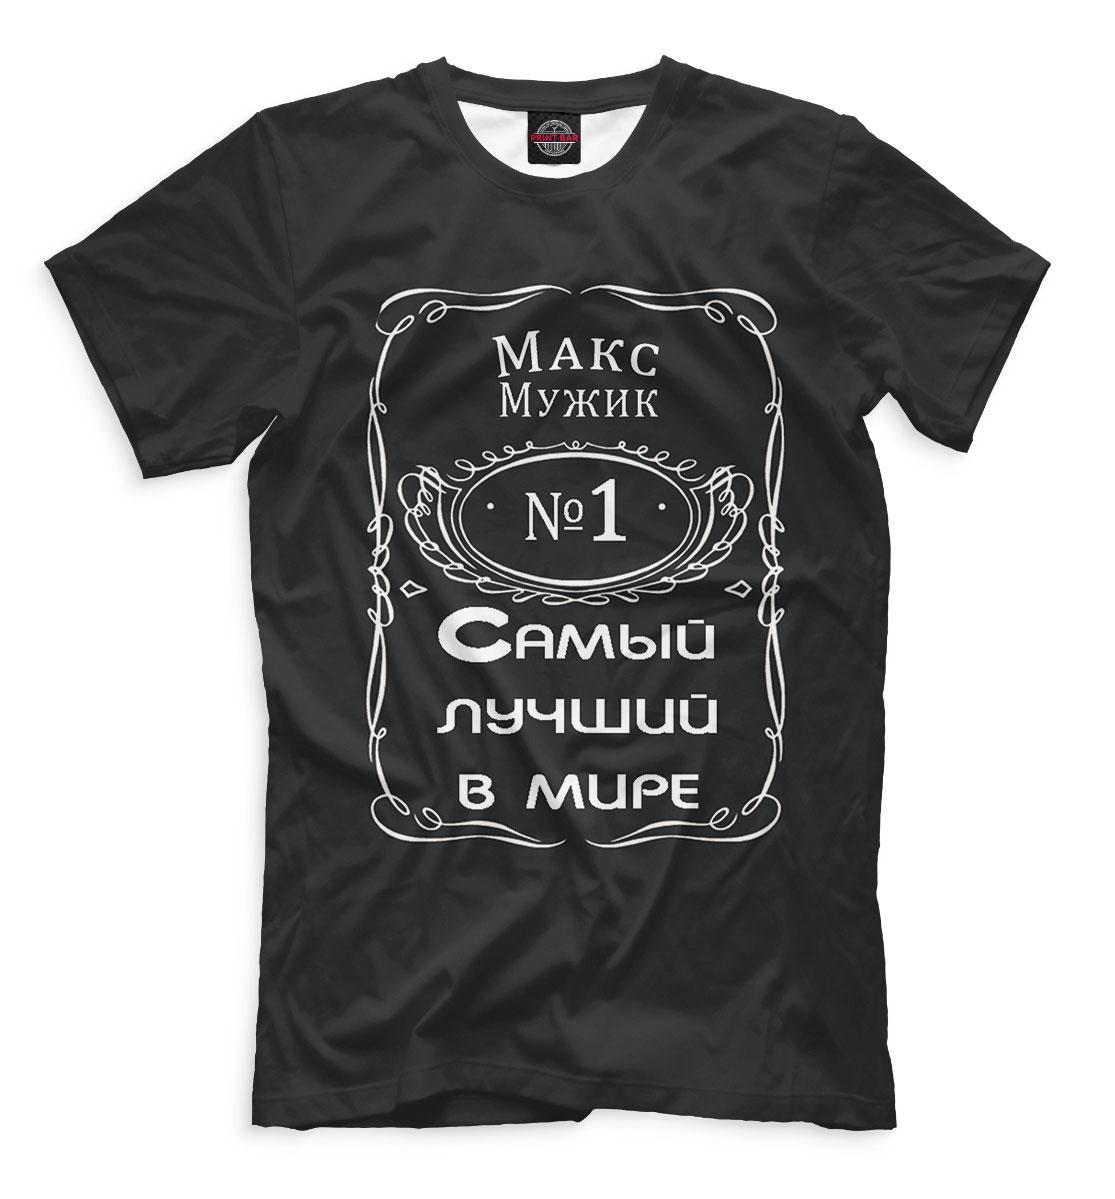 Купить Макс — самый лучший в мире, Printbar, Футболки, MAX-692500-fut-2